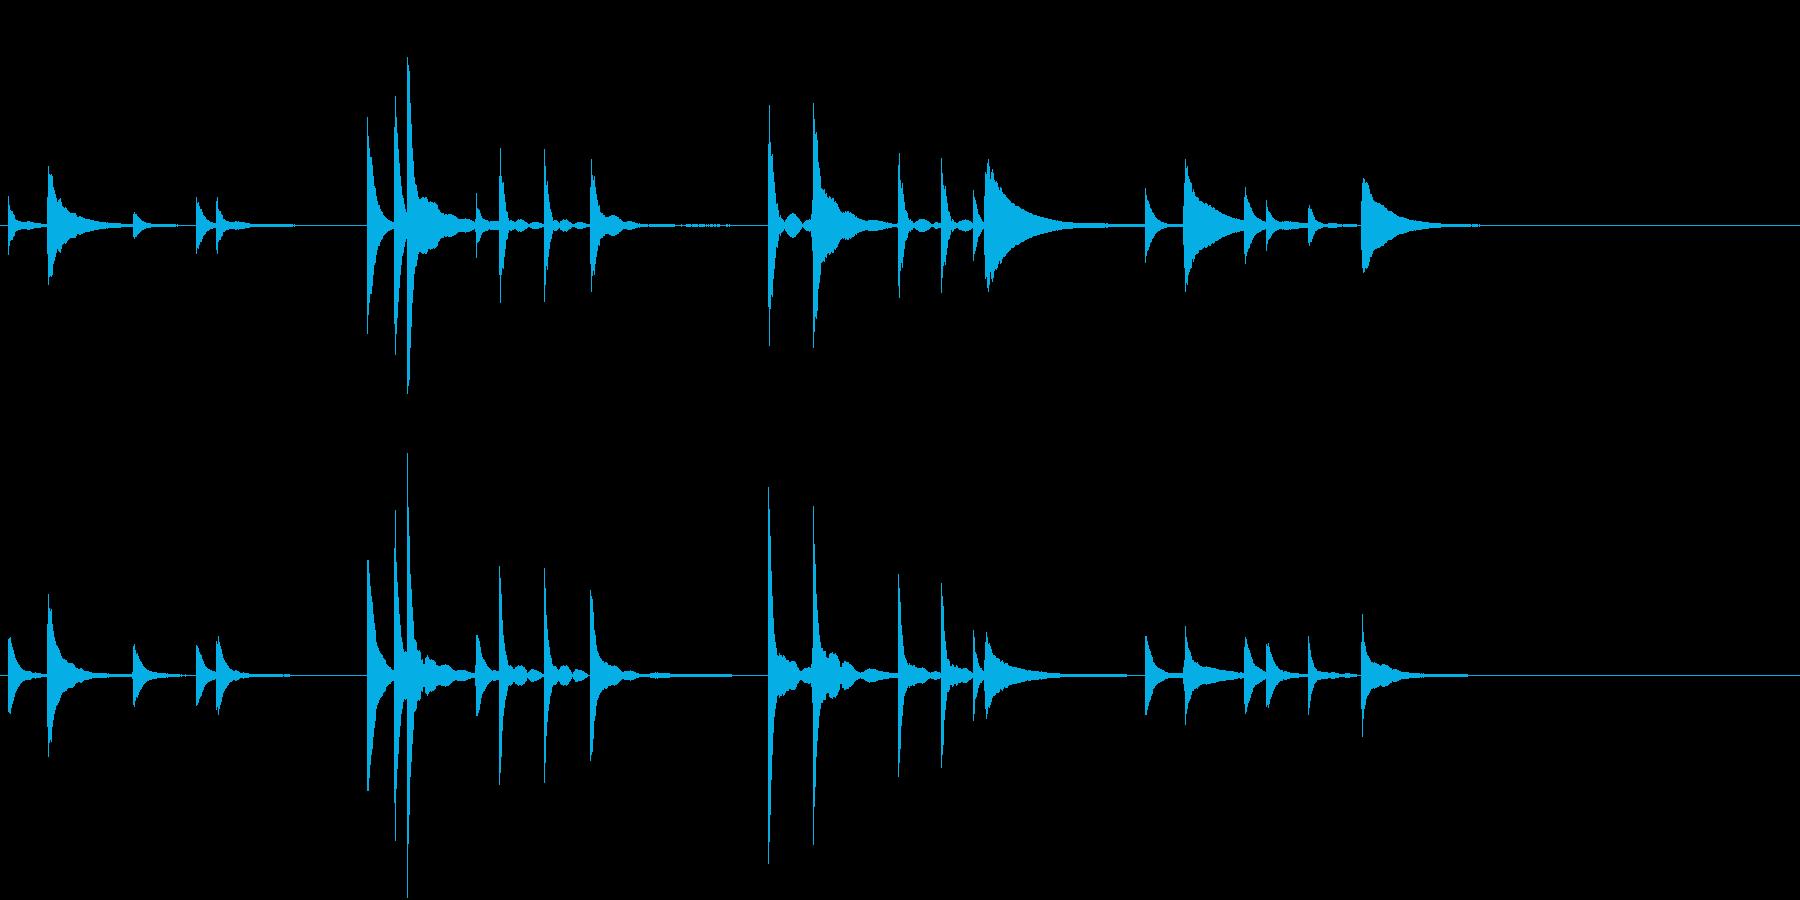 軍歌「海ゆかば」一部分・ピアノソロの再生済みの波形